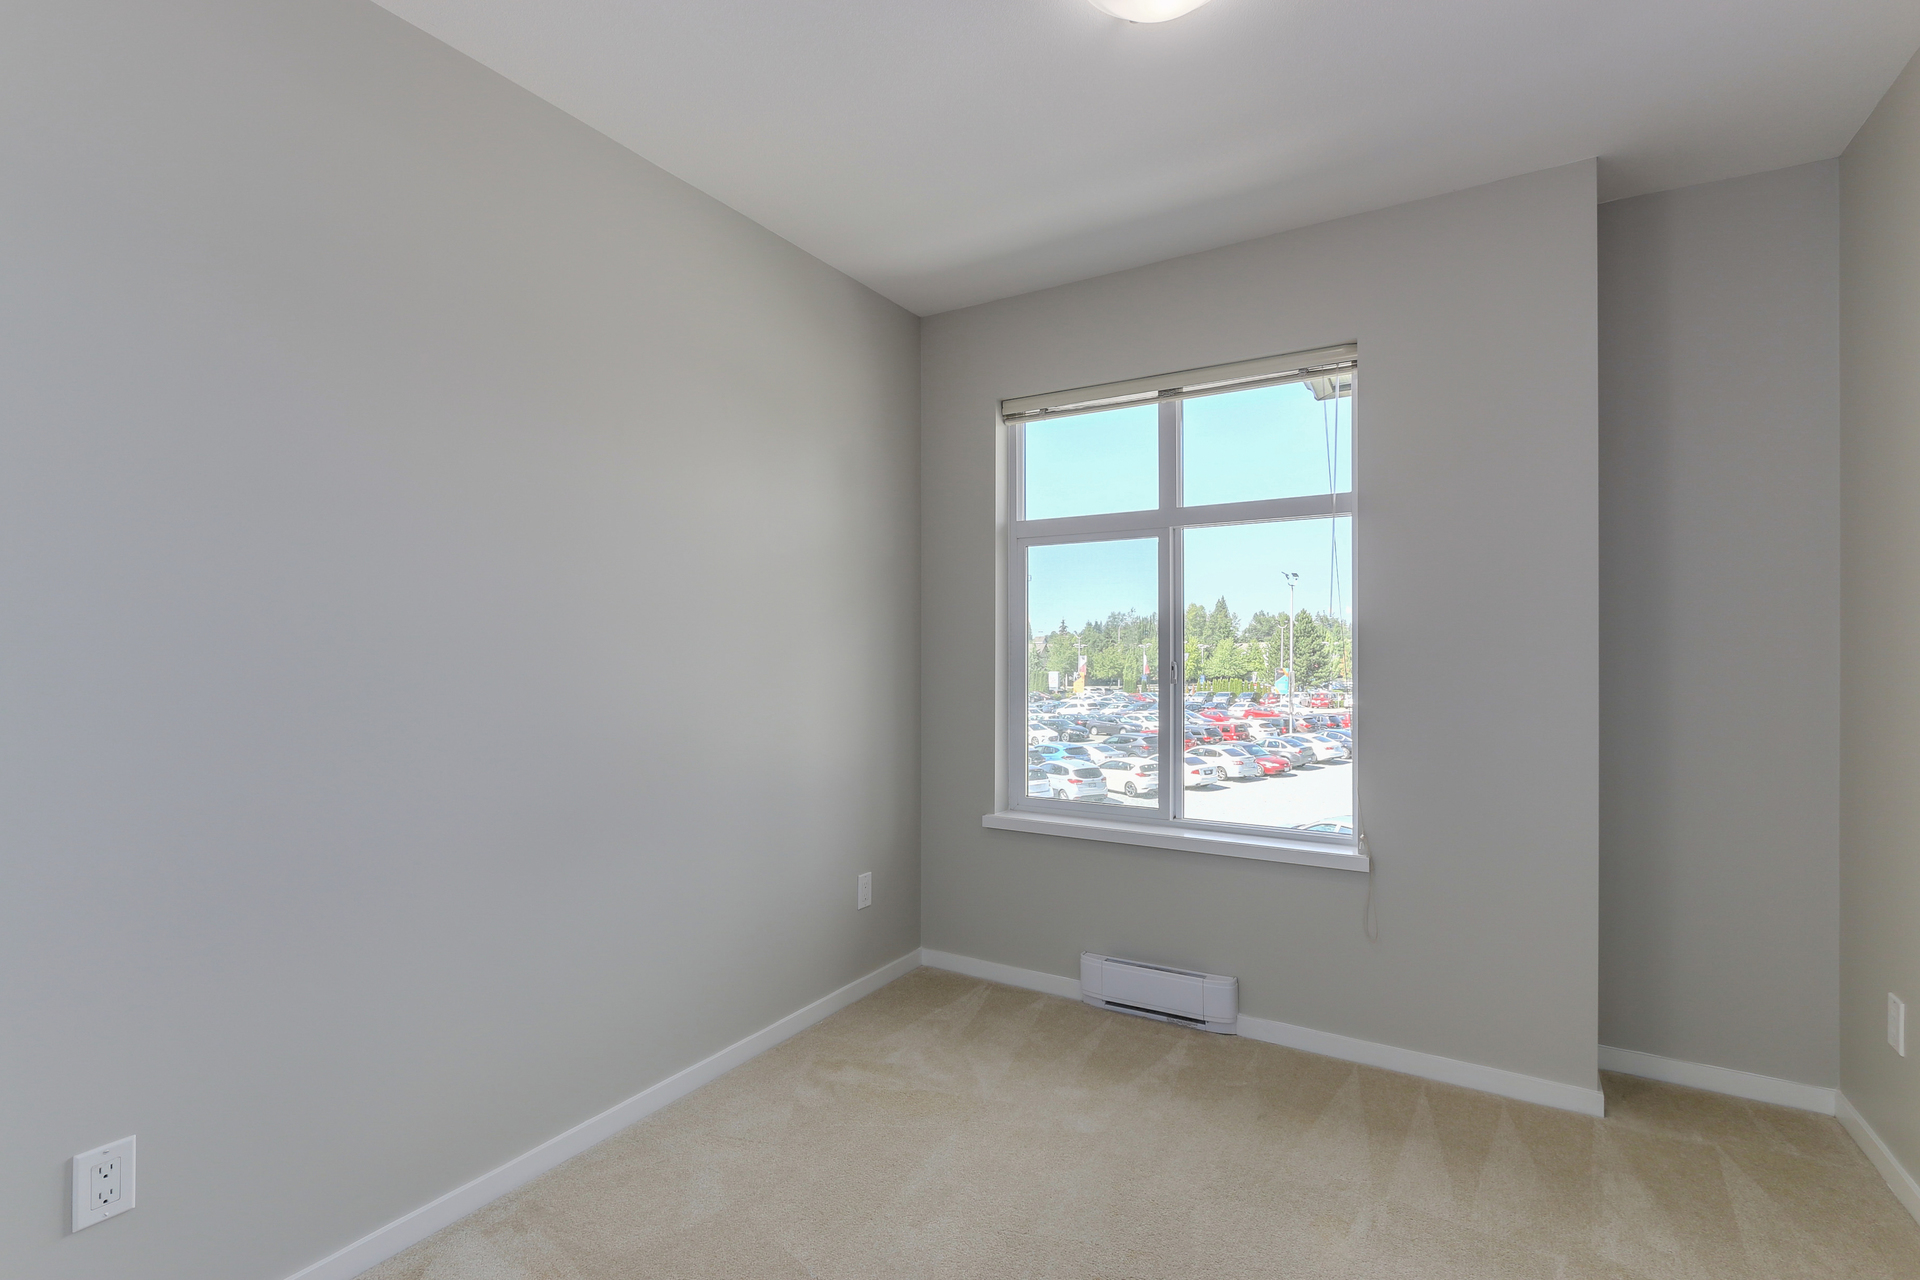 3rd bedroom at 55 - 8355 164 Street, Fleetwood Tynehead, Surrey